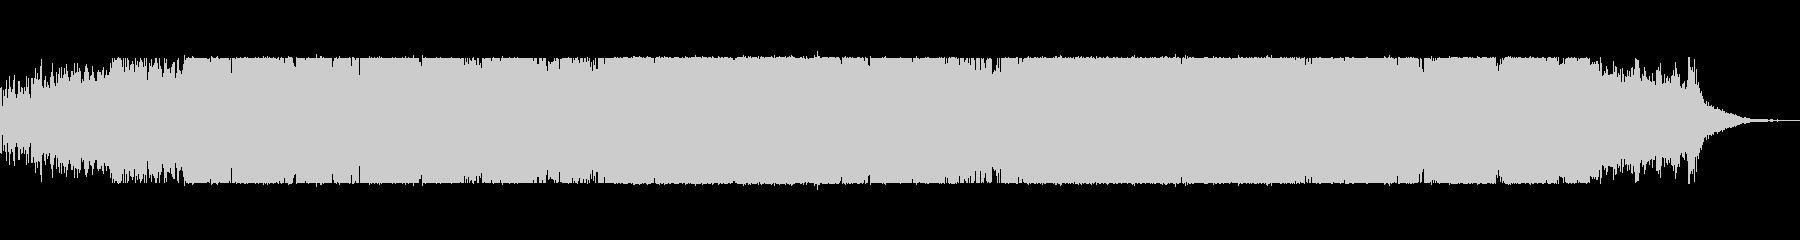 不気味でシネマティックなIDMの未再生の波形